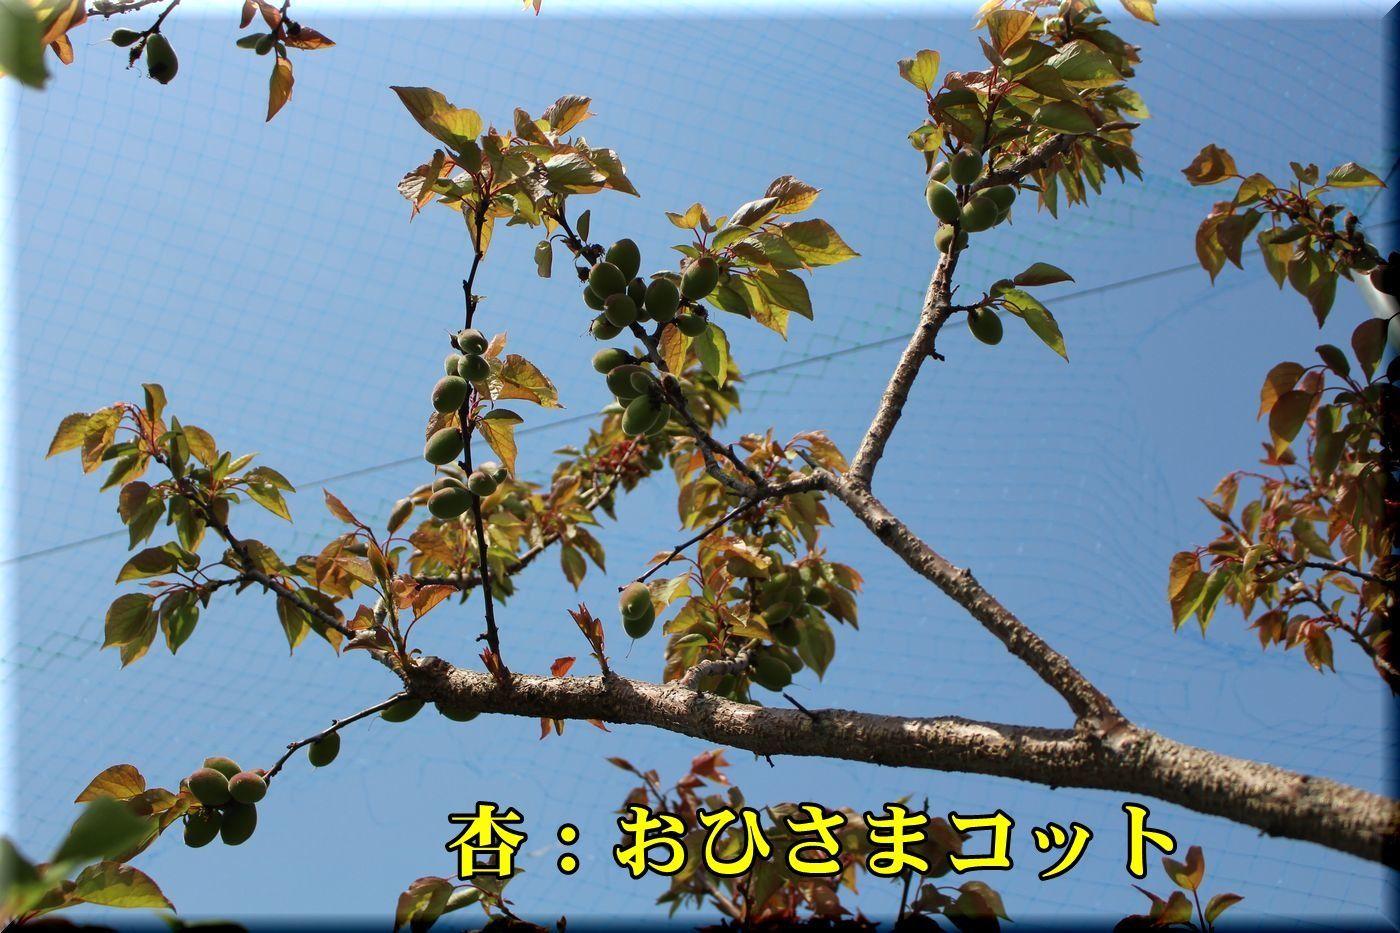 1ohisamacot180413_027.jpg